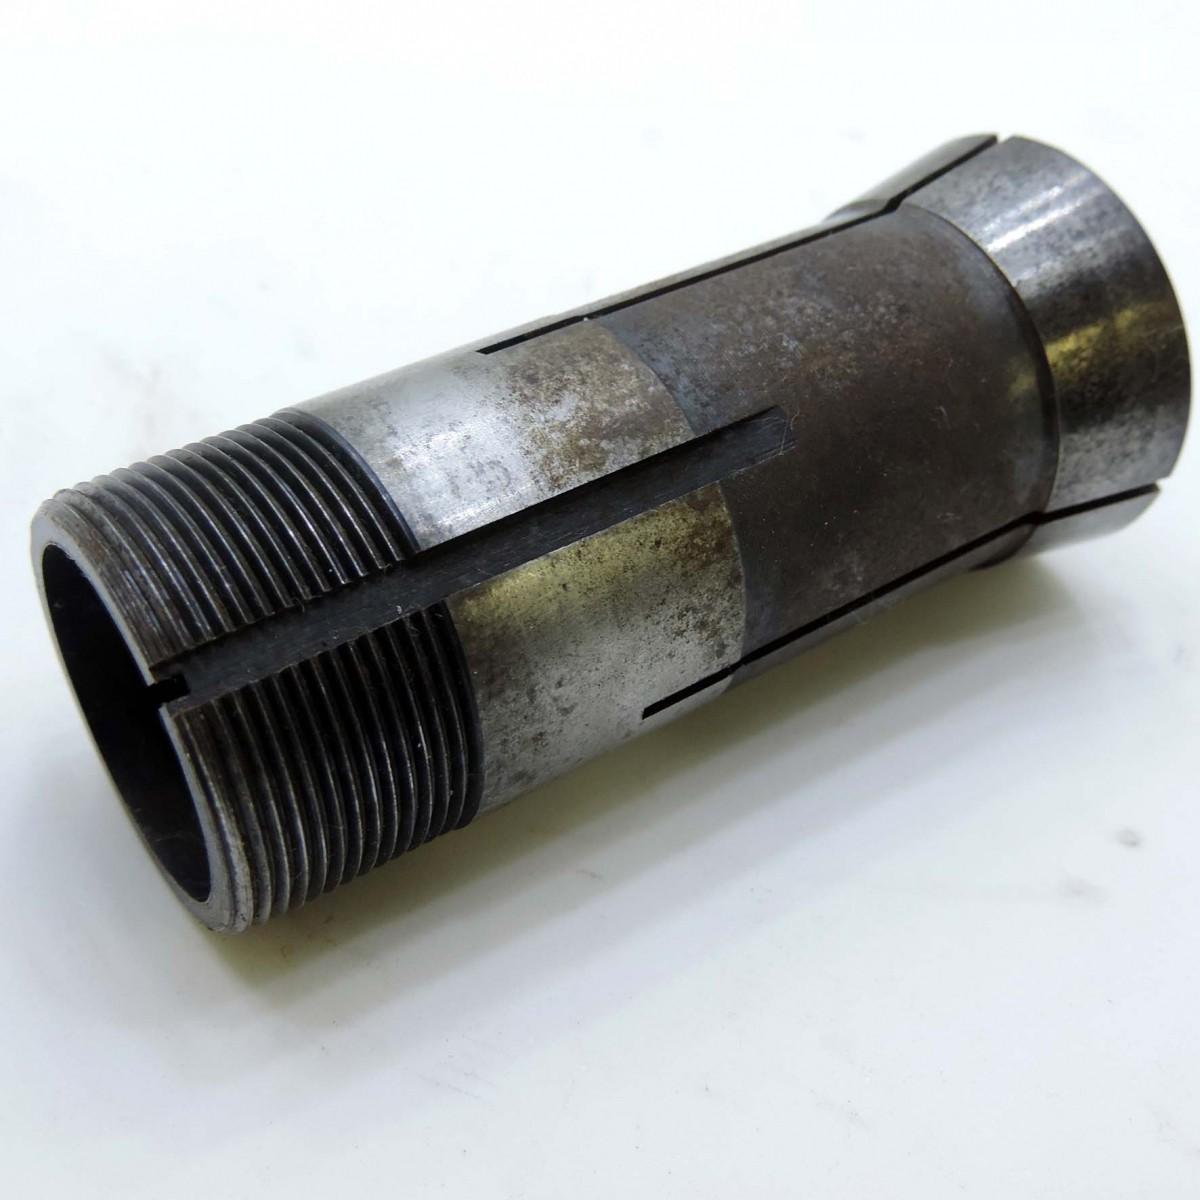 Pinça Para Afiadora / Fresadora Universal De 9 mm - SC353 - Usada